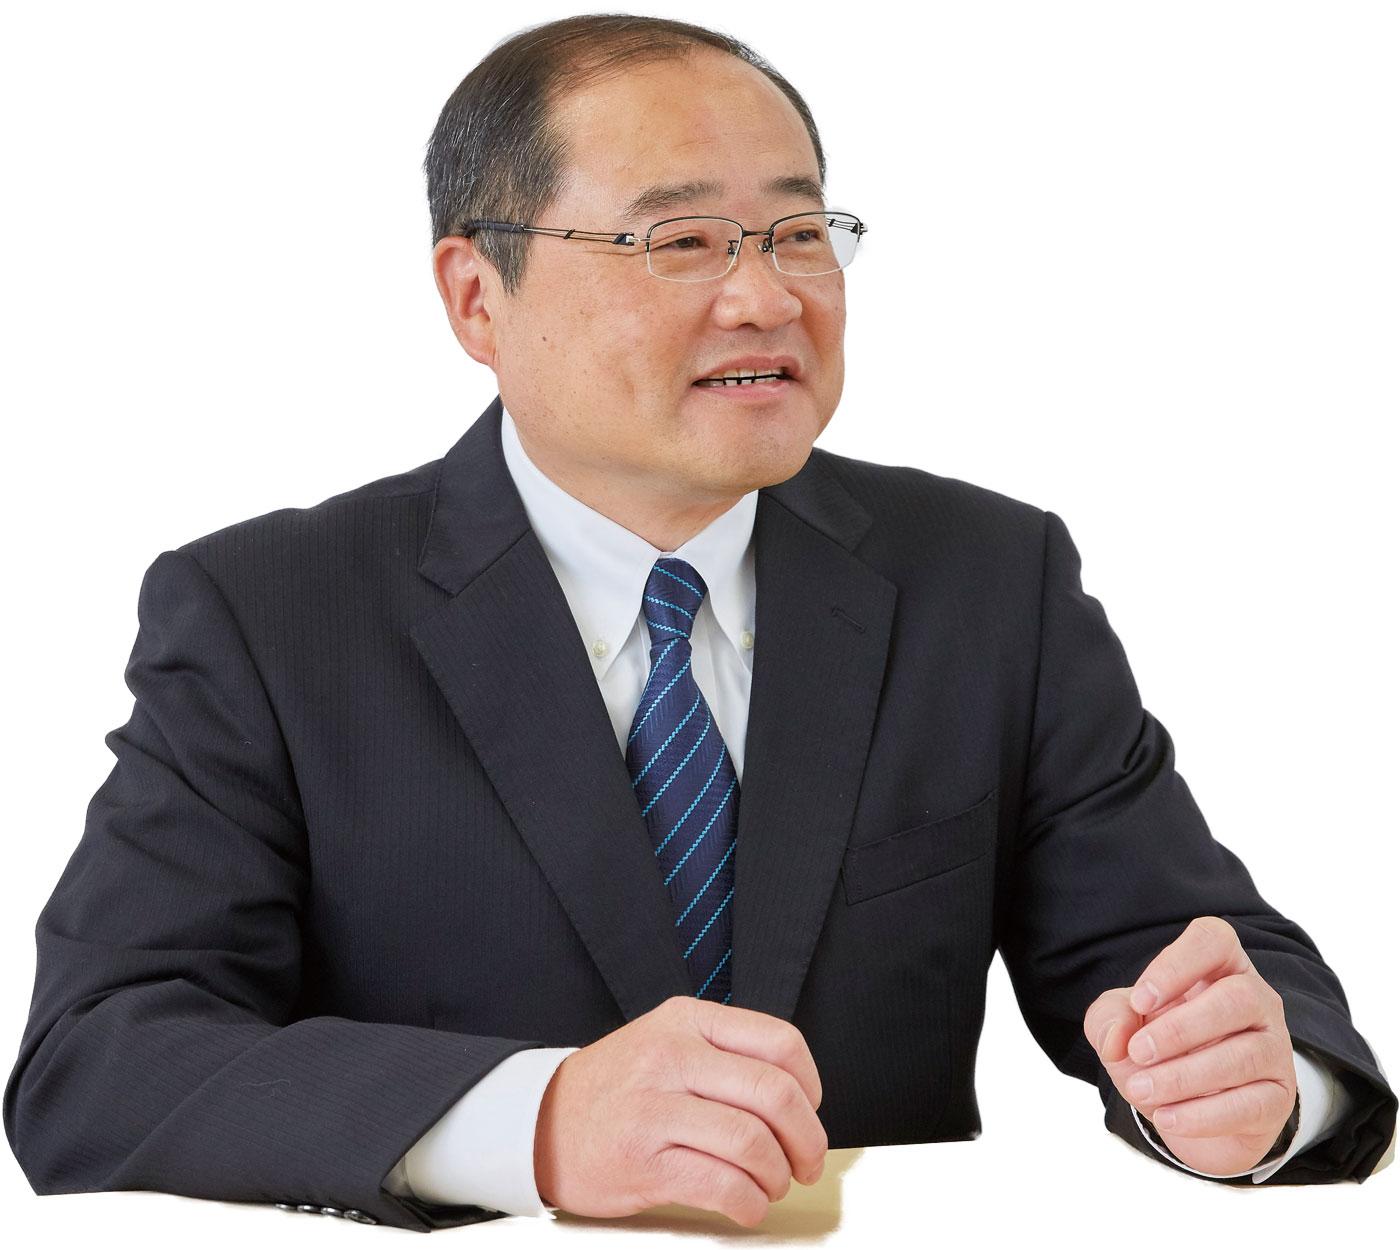 常務執行役員 エラストマー・機能樹脂 部門長 田渕 浩記